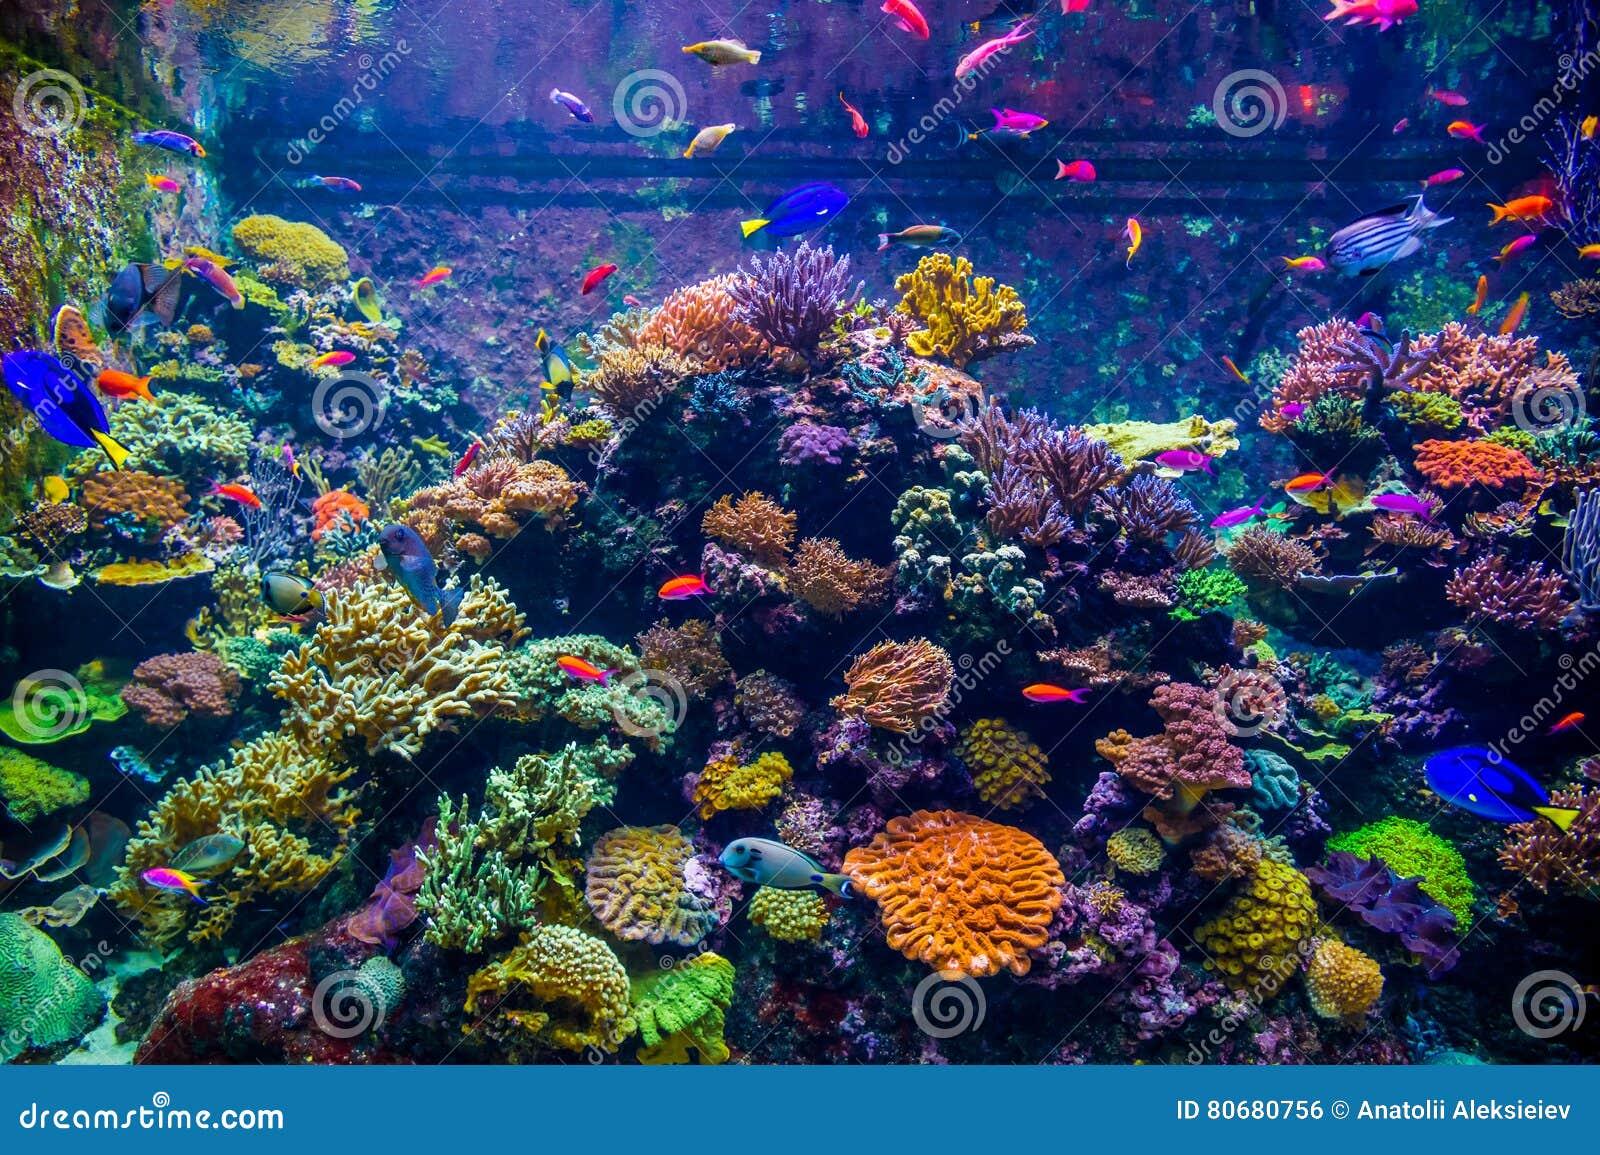 Разнообразие яркие рыбы двигают против фона полипов коралла и в подводном мире большого аквариума, Сингапура